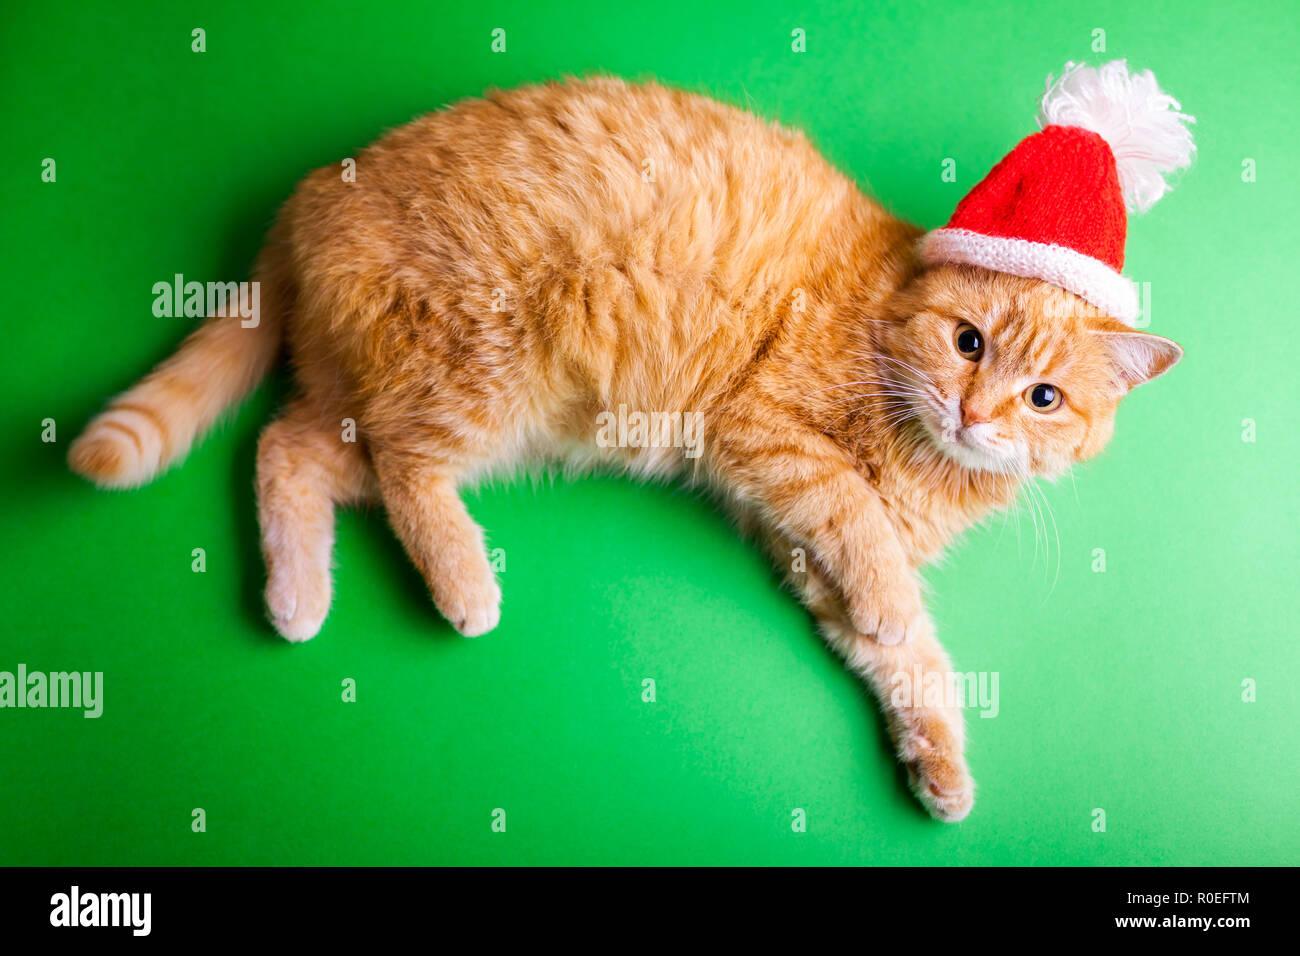 Gato rojo lleva el sombrero rojo de Santa sobre fondo verde. Navidad y Año Nuevo concepto Imagen De Stock